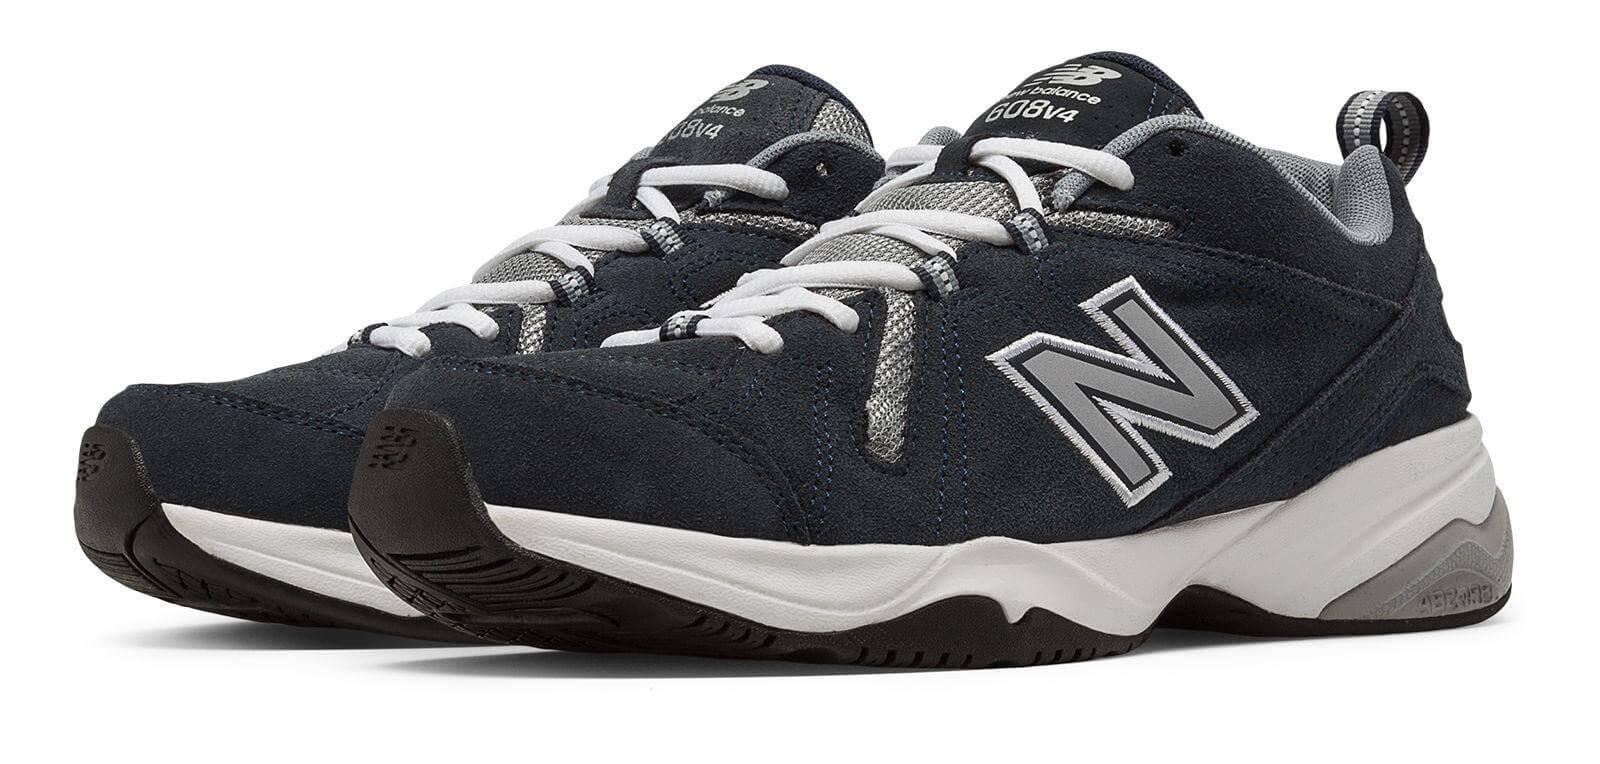 NB 608v4 3